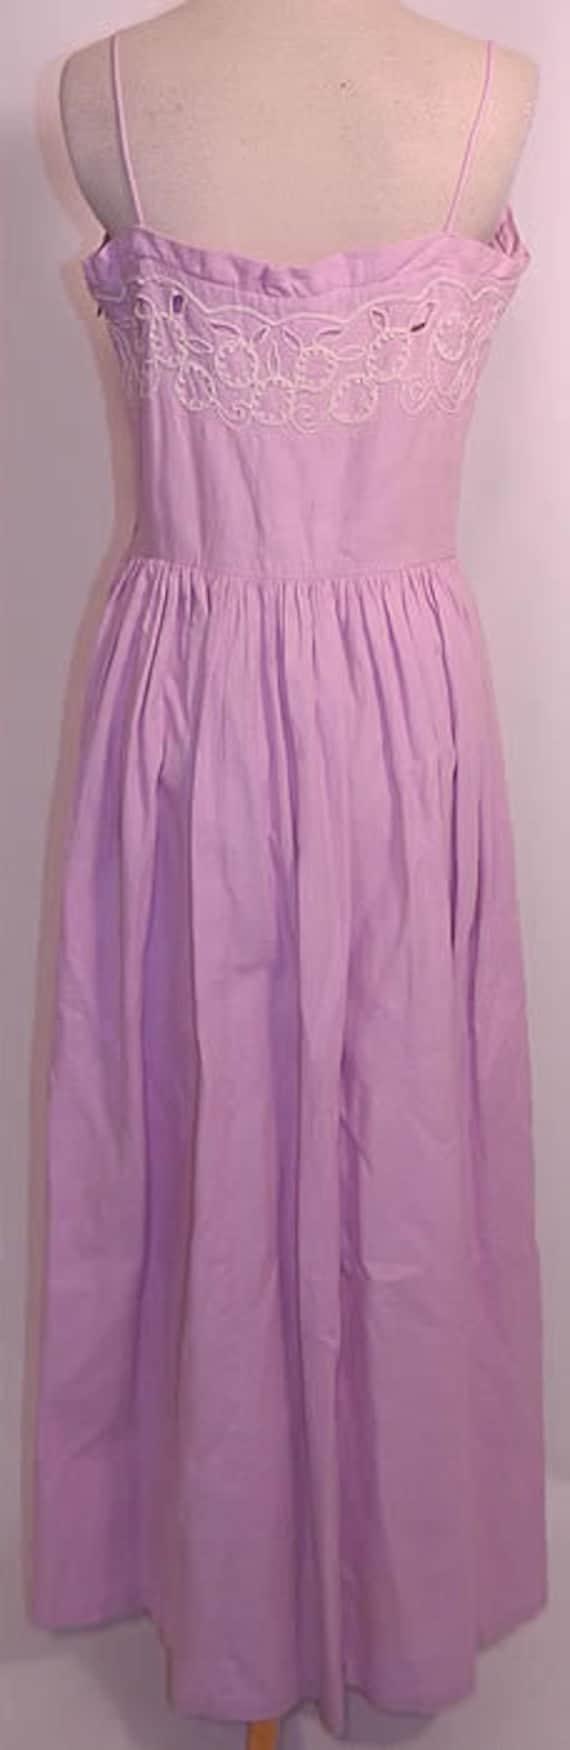 Vintage 1940s Lilac Dress   Lilac Cotton Pique Em… - image 5